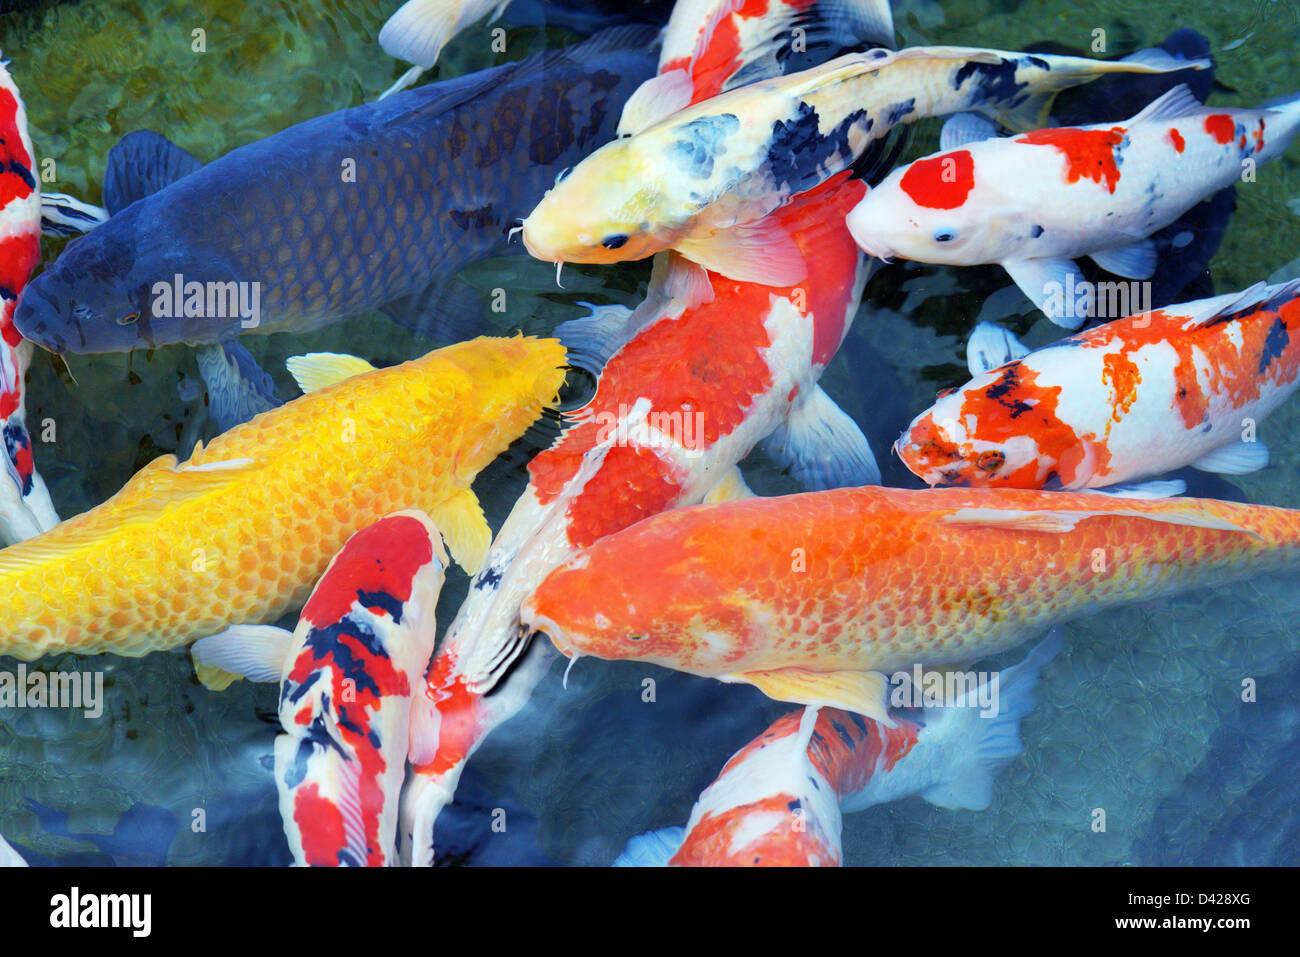 Varias carpas en un estanque Foto de stock